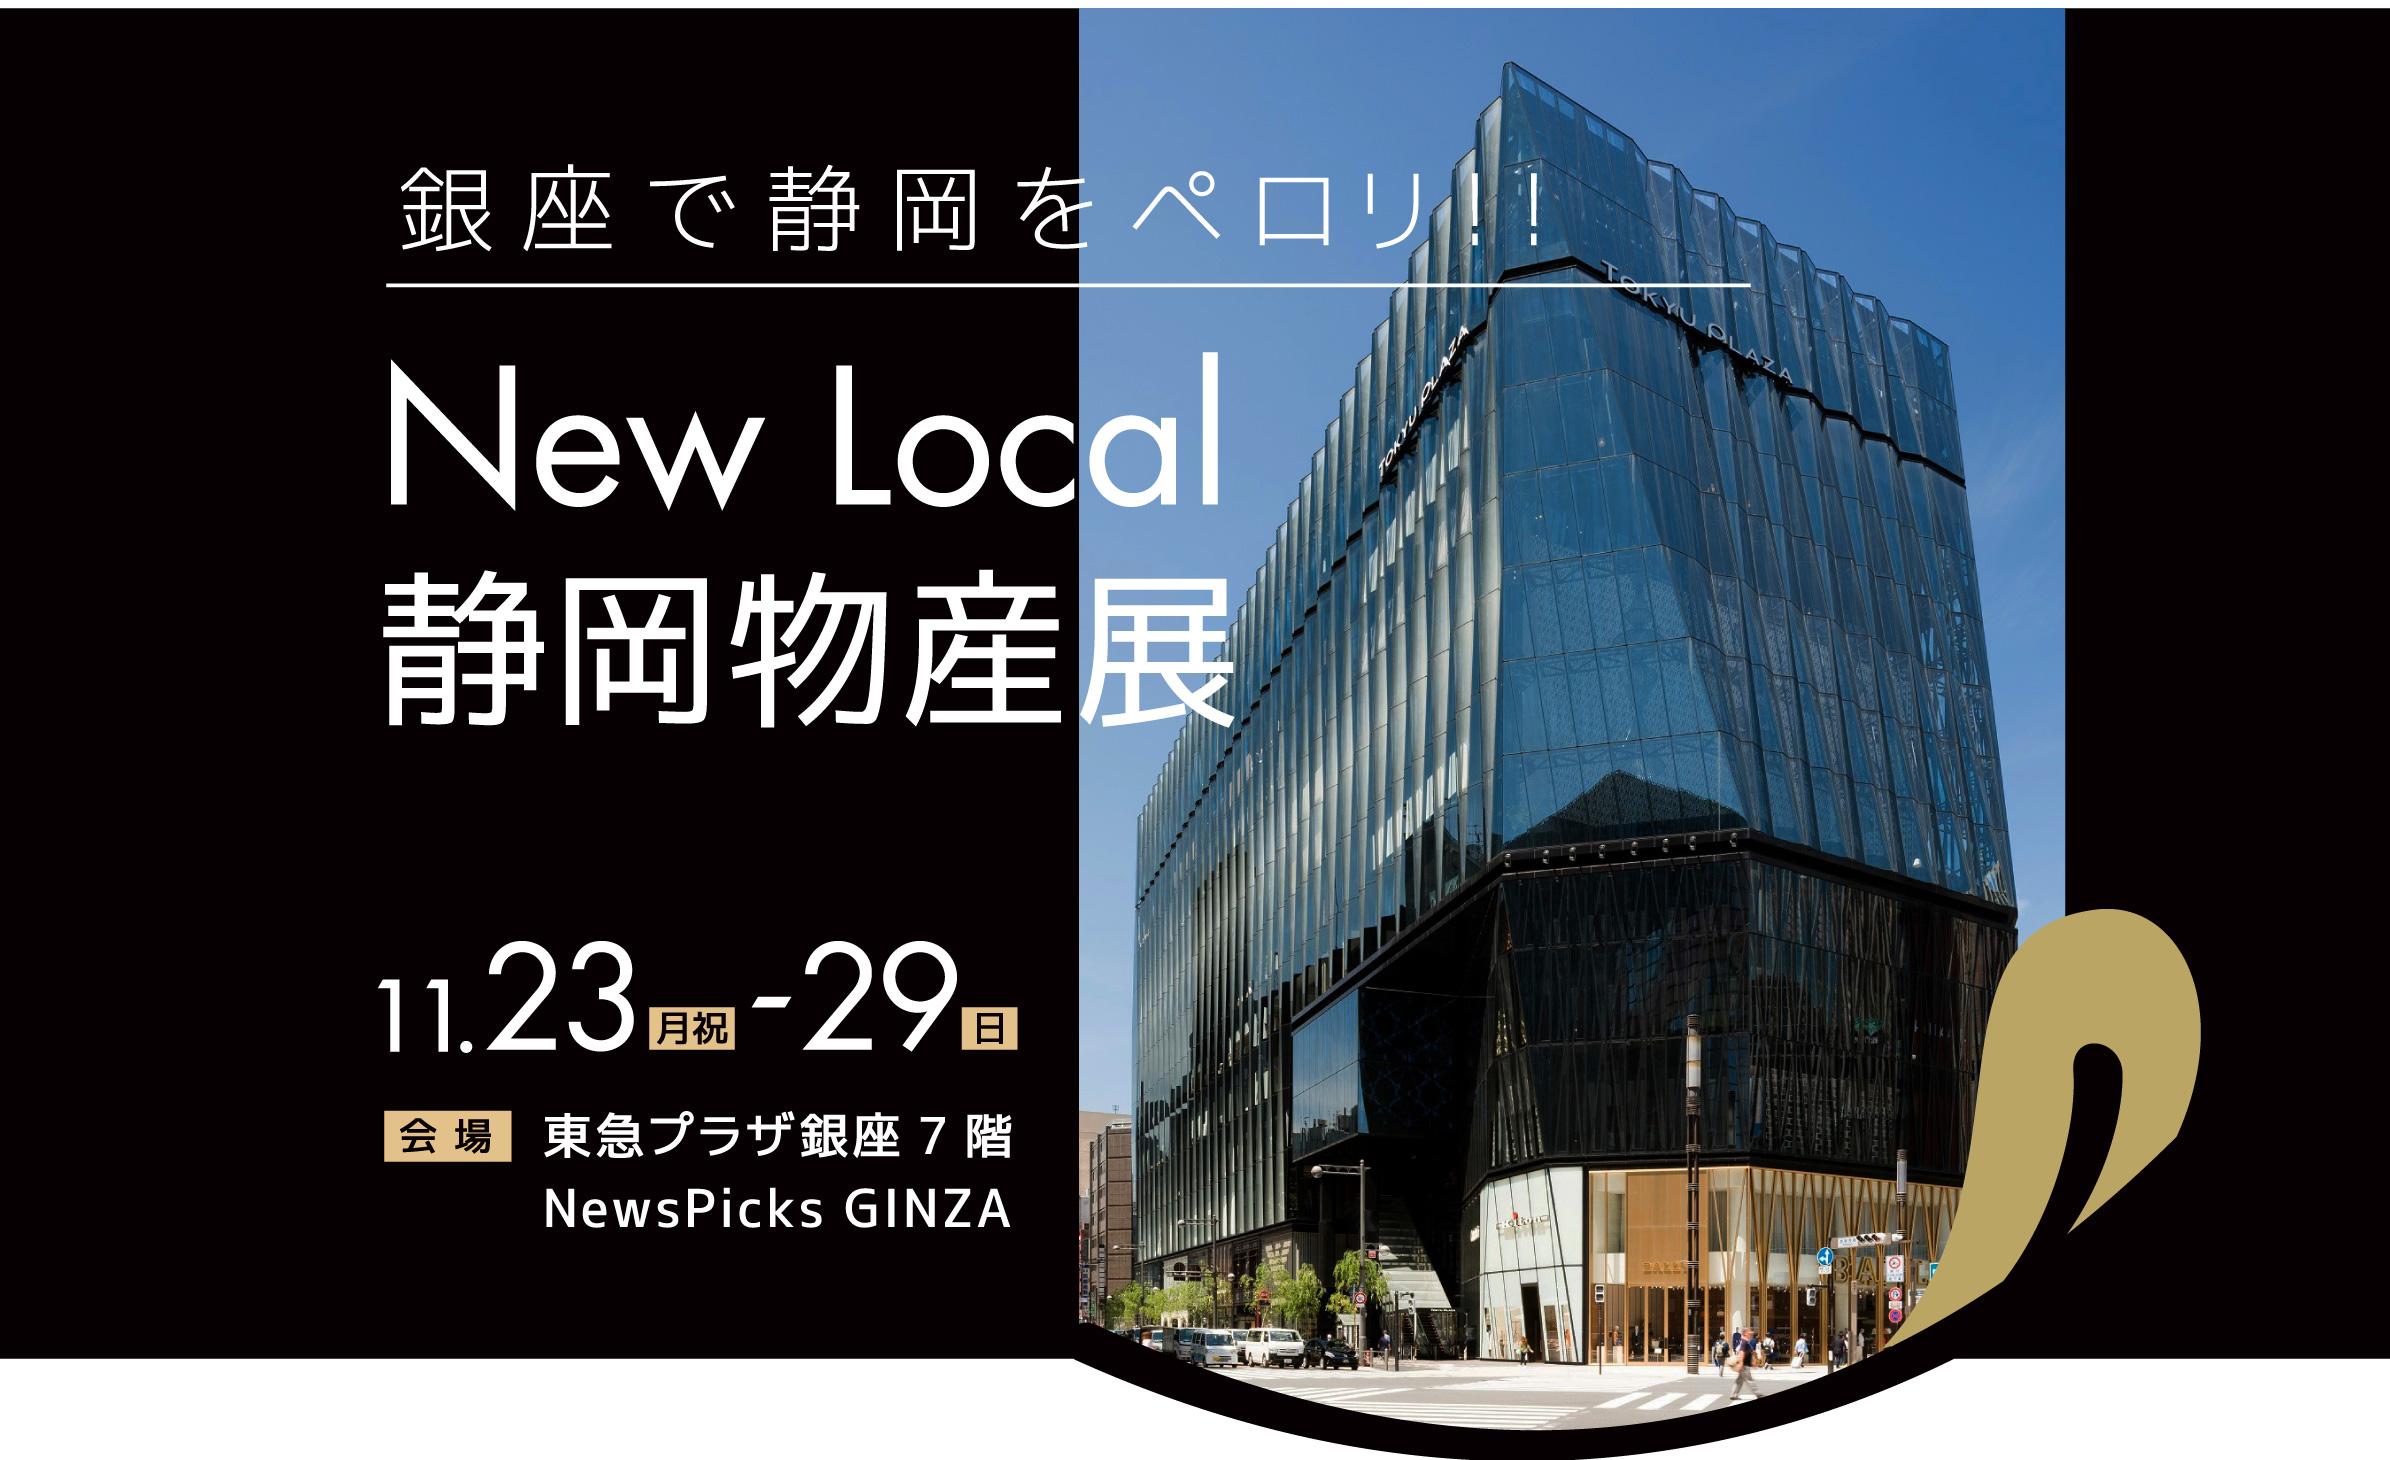 静岡物産展newspicks銀座の画像